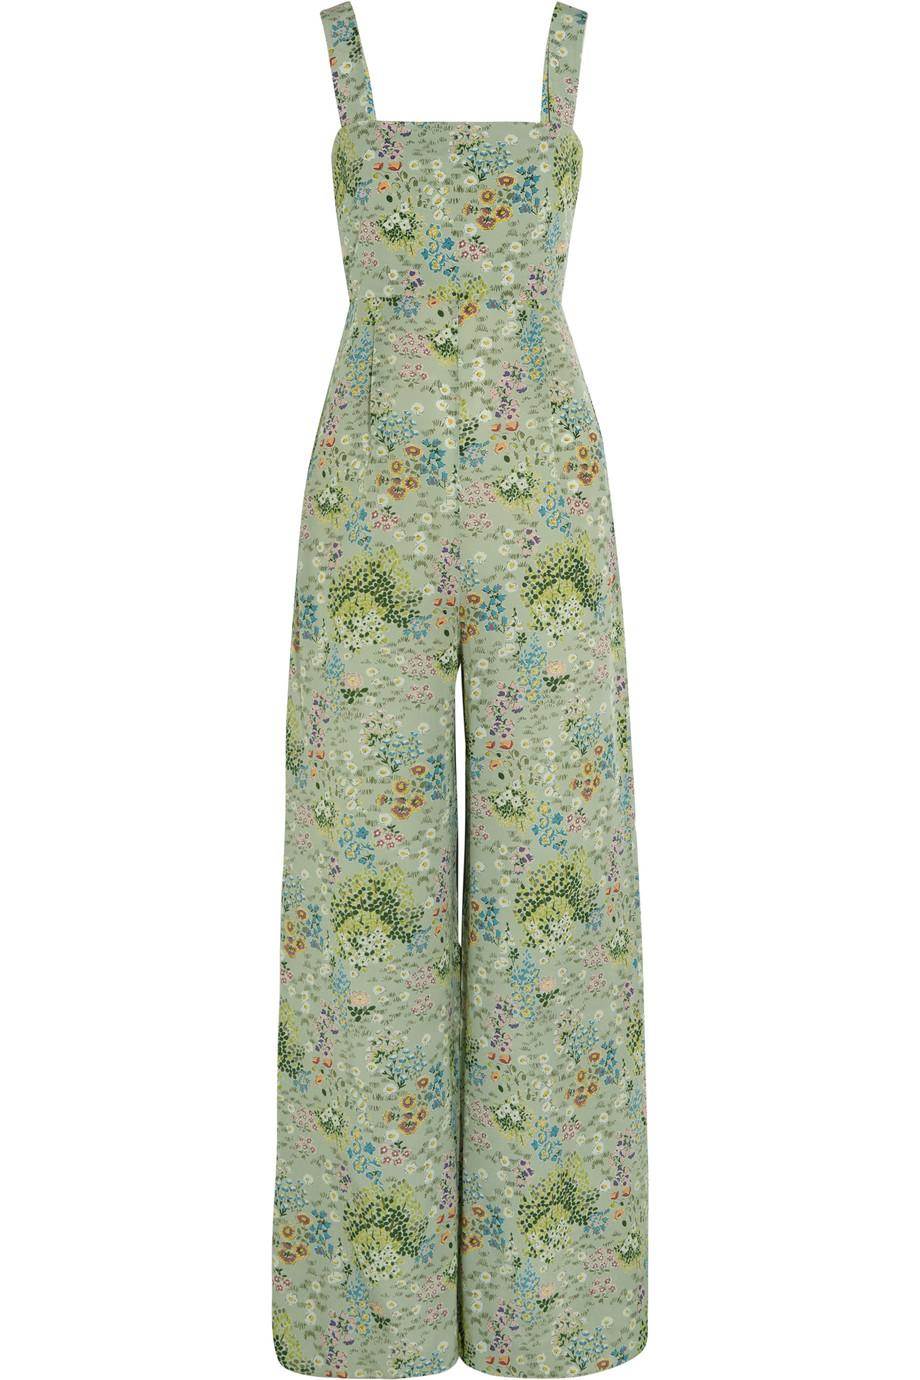 Valentino Floral-Print Silk Crepe De Chine Jumpsuit, Mint, Women's, Size: 46